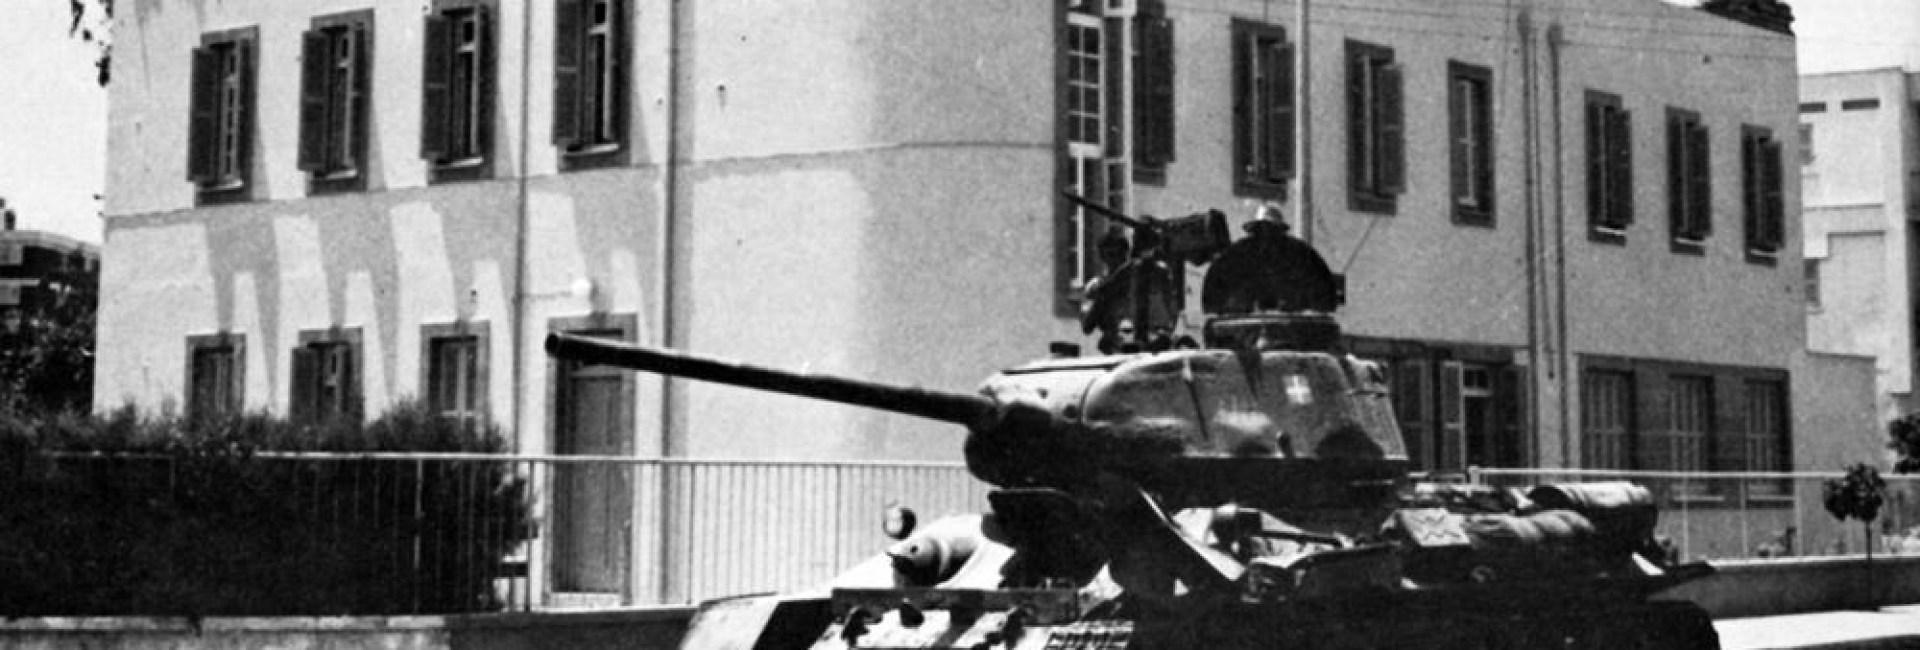 Μαρτυρία – 47 χρόνια μετά το πραξικόπημα στην Κύπρο